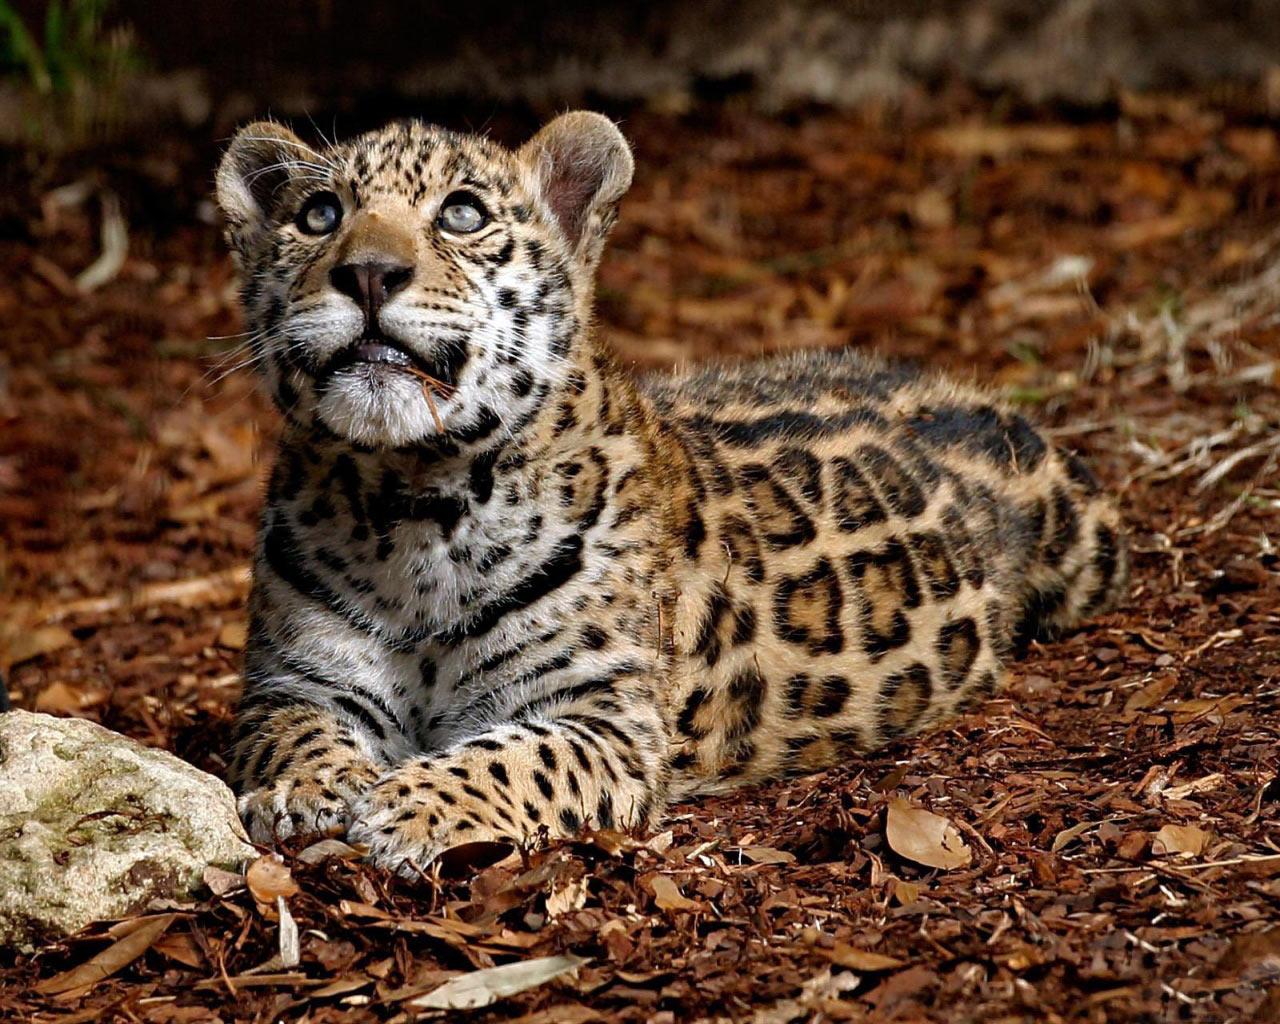 Wallpaper et Fond dcran Leopard Cub 1280x1024 1280x1024